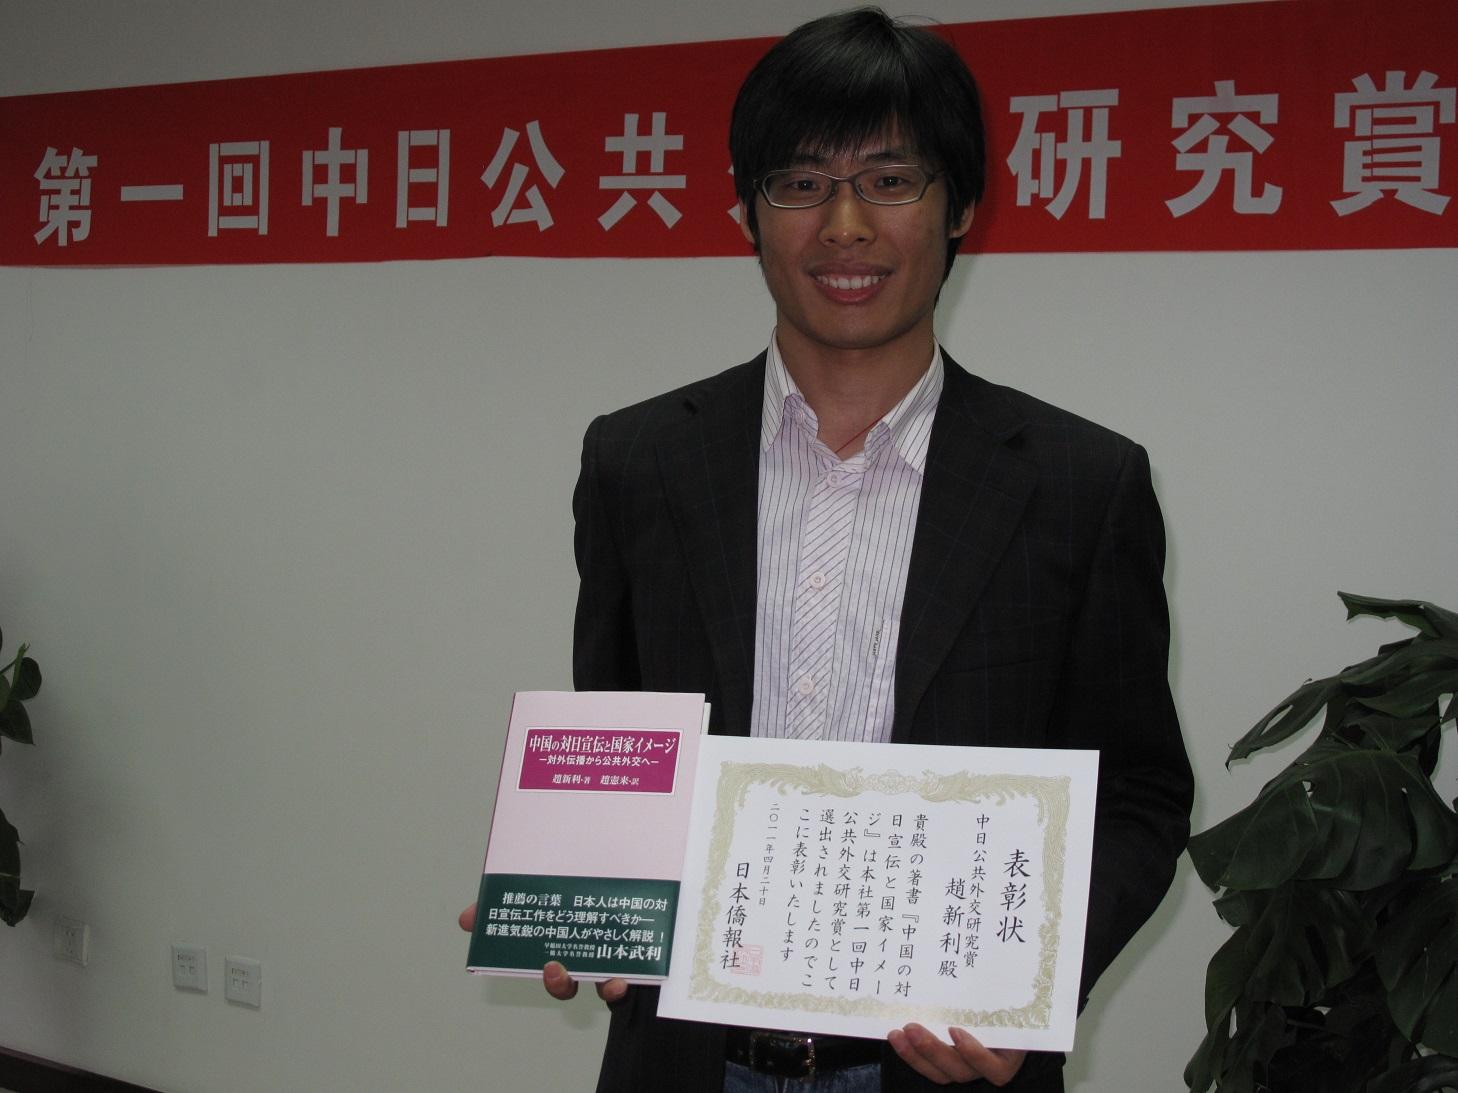 第118回北京日本人学術交流会では、中国メディア大学講師の趙新利氏に。3月8日_d0027795_1031552.jpg